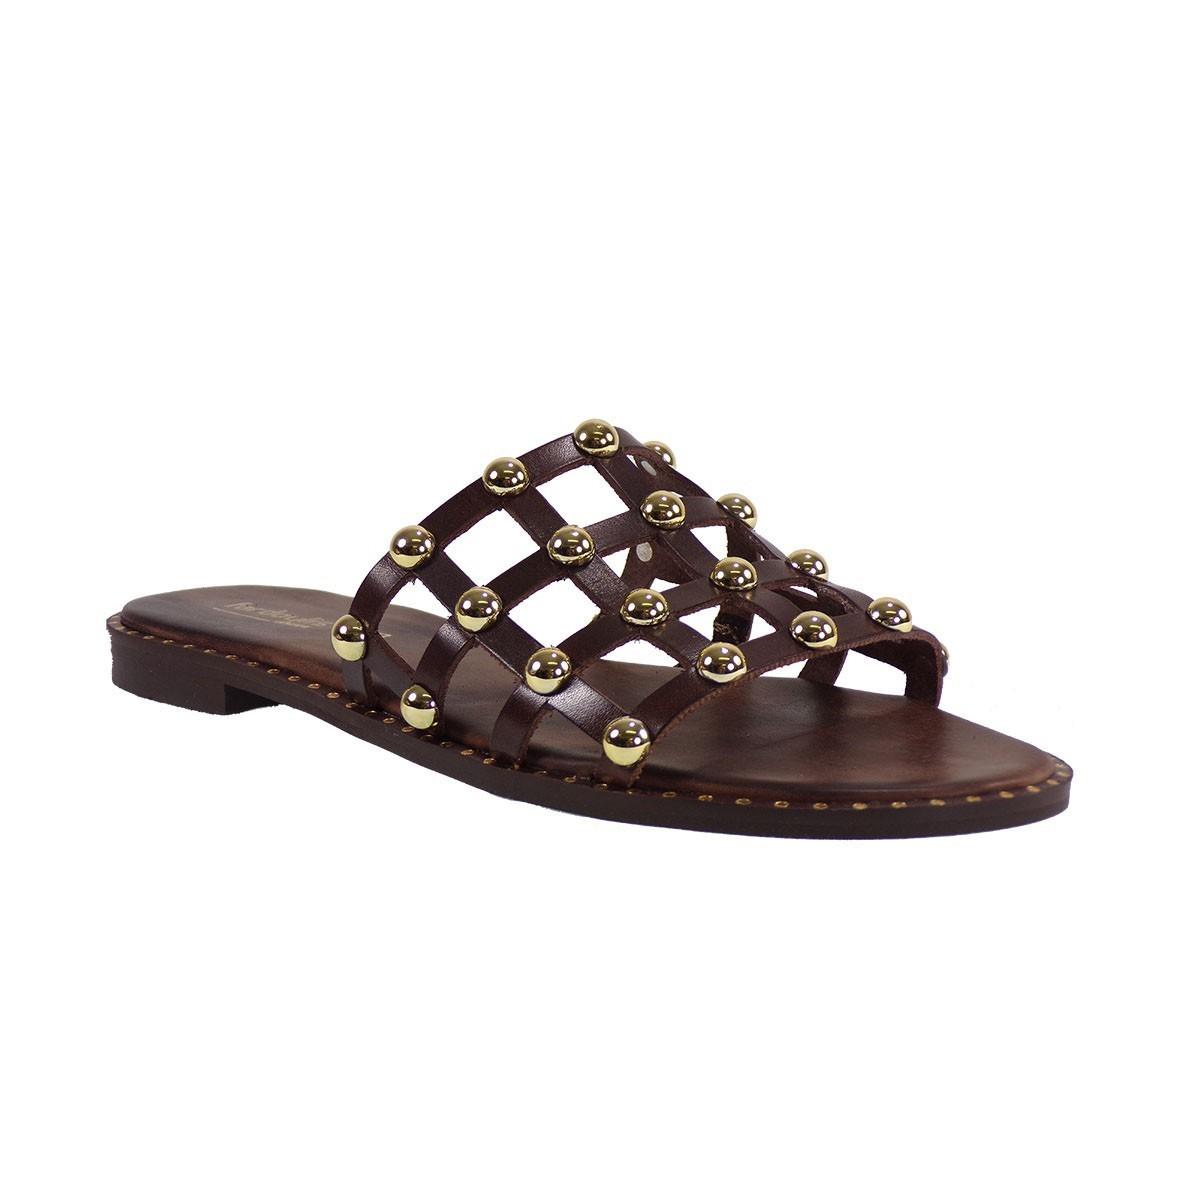 Fardoulis shoes Γυναικείες Παντόφλες 47182 Καφέ Δέρμα